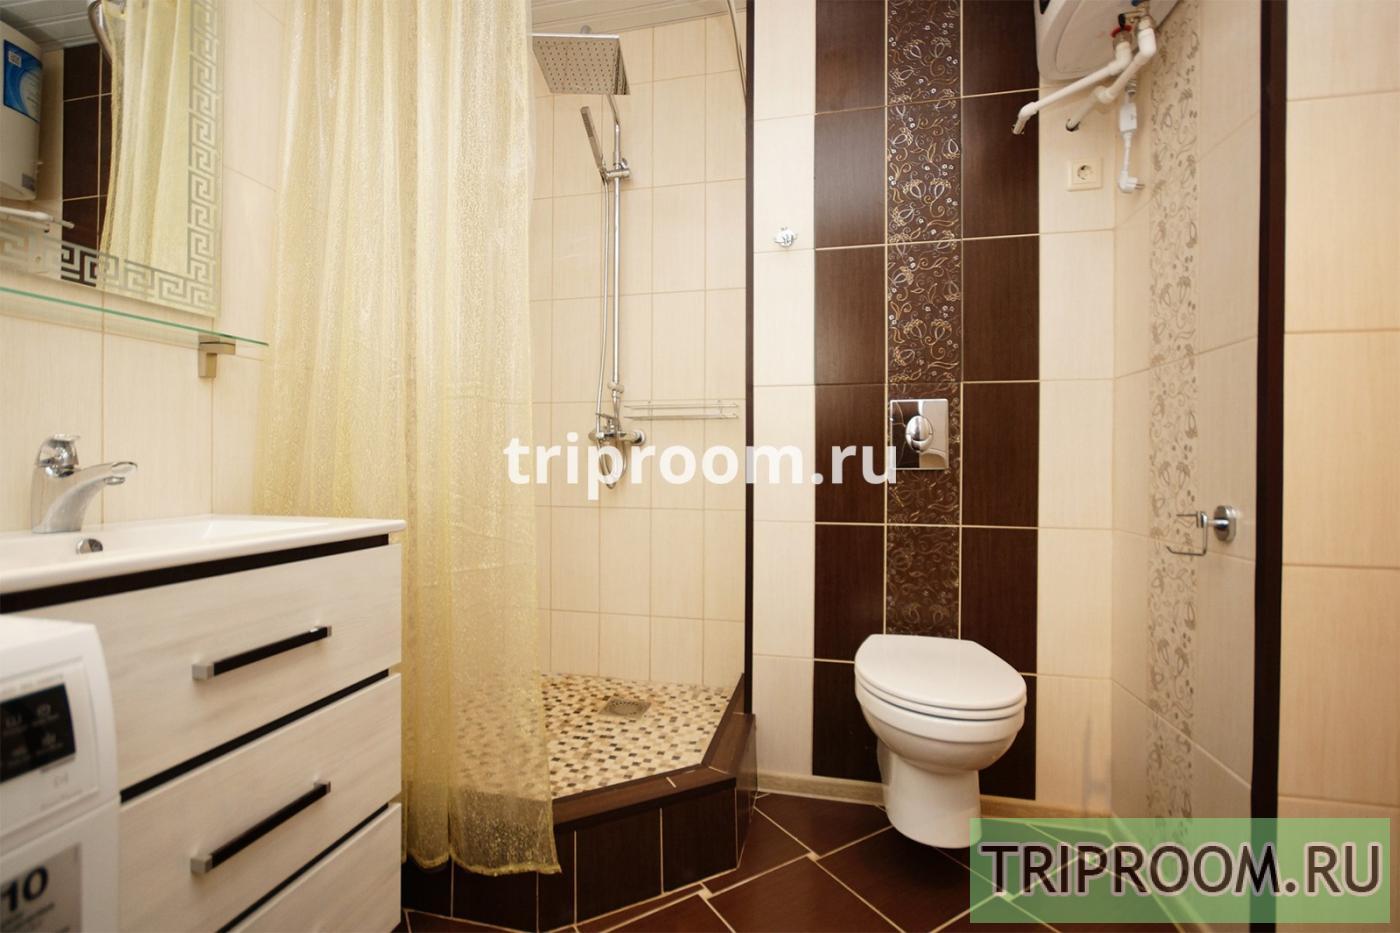 1-комнатная квартира посуточно (вариант № 17278), ул. Полтавский проезд, фото № 12